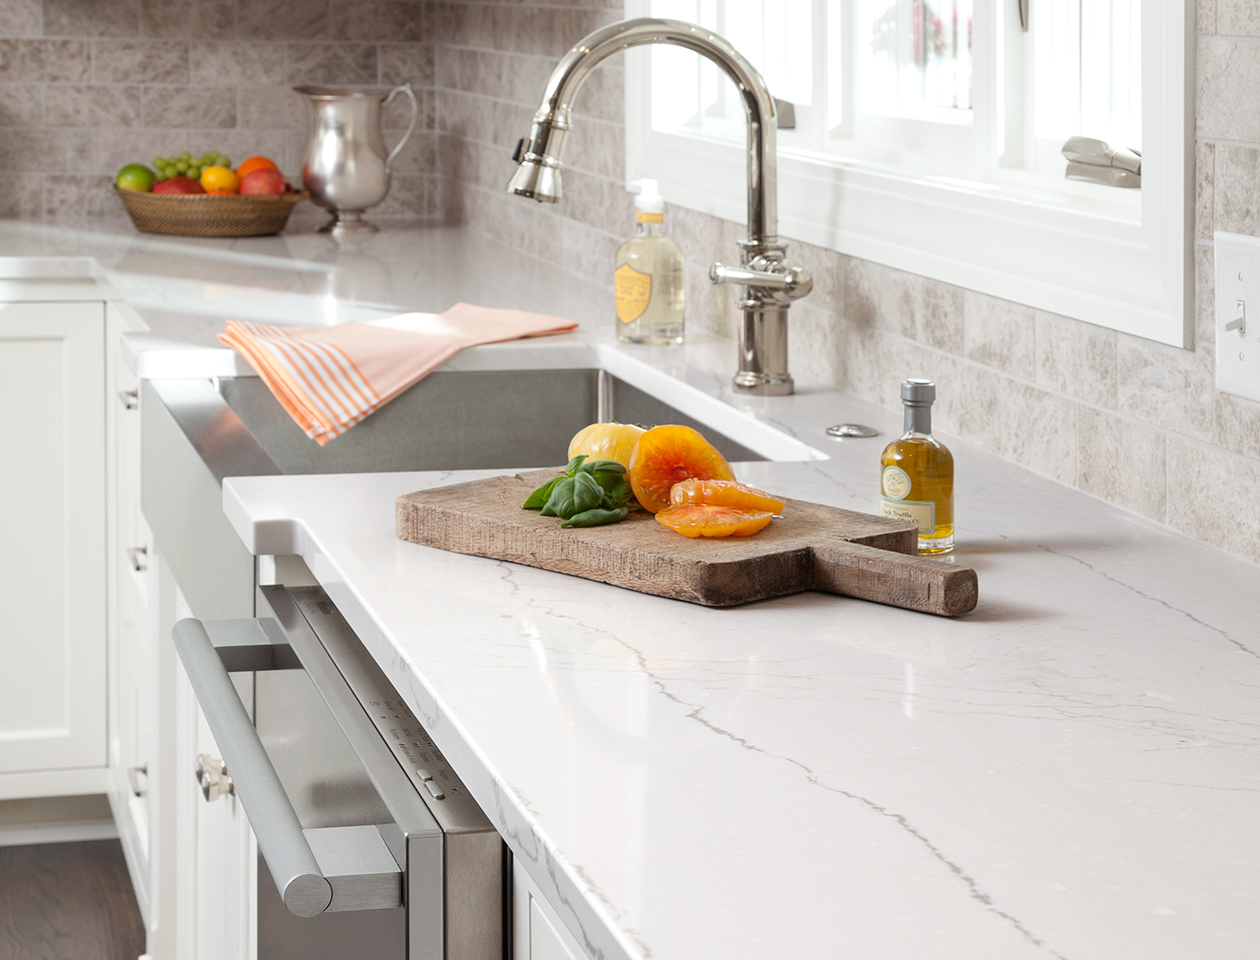 Trang trí nhà bếp đơn giản với đá ốp lát tông màu trắng